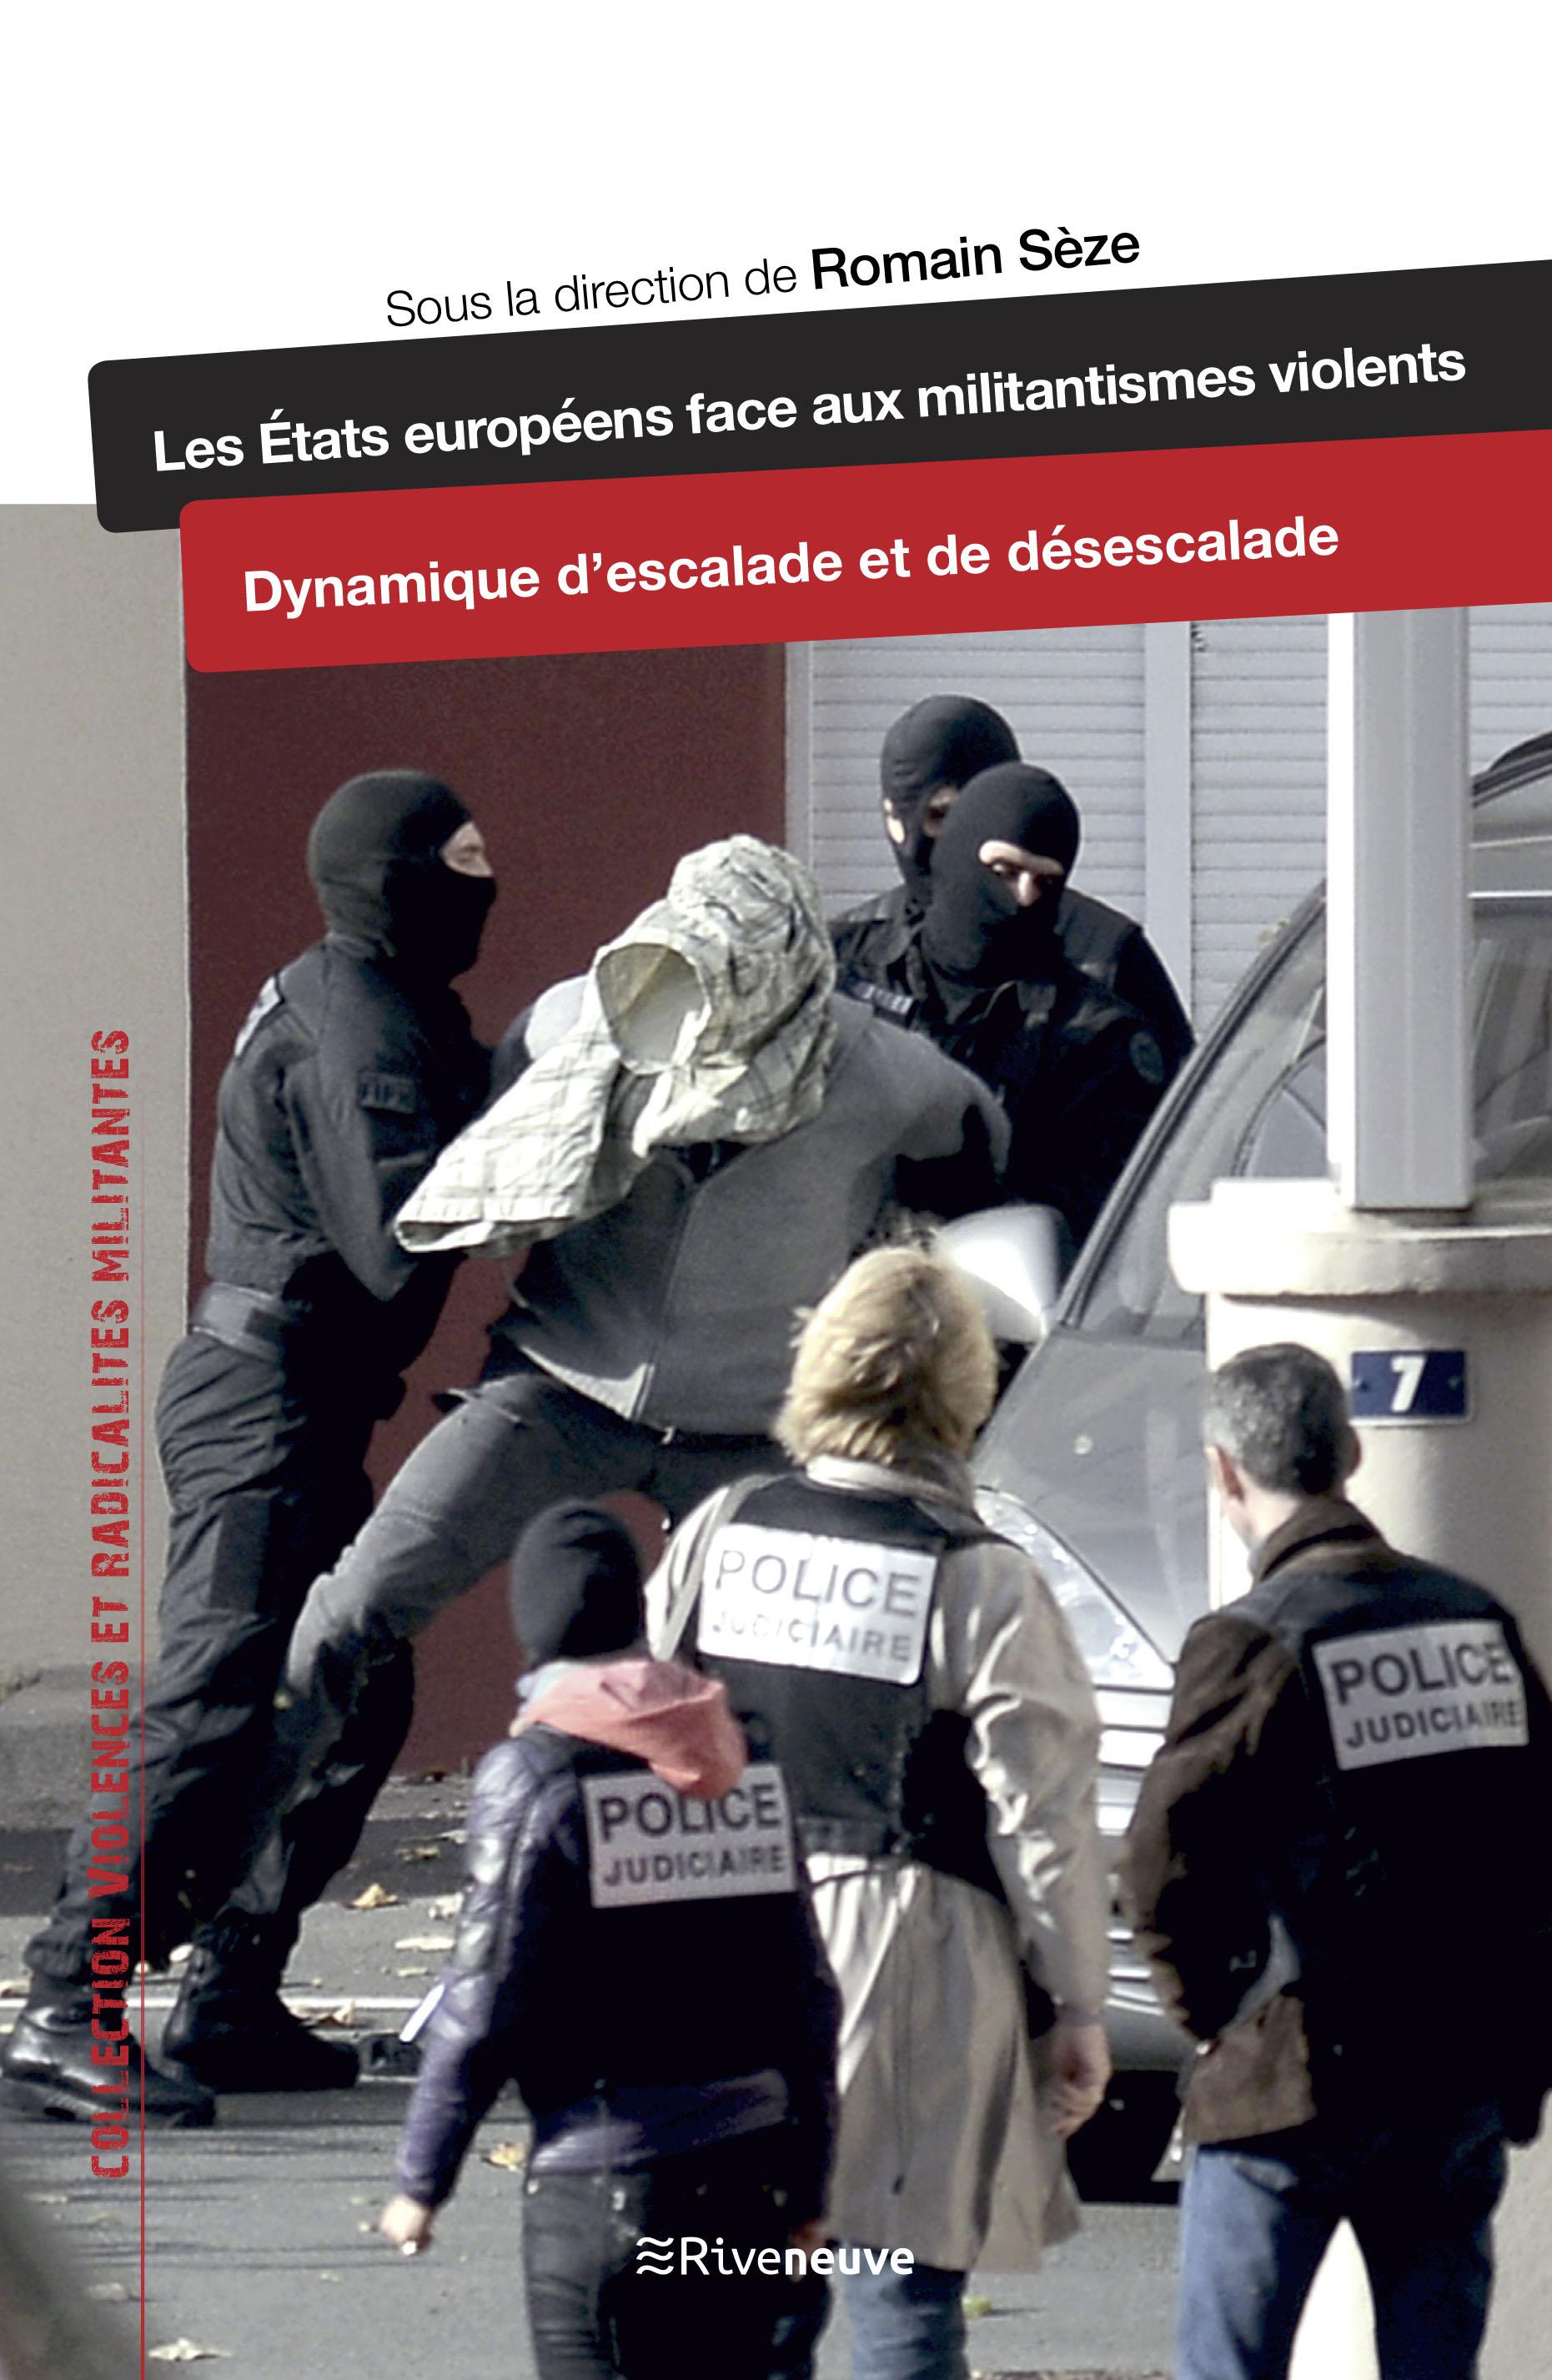 Les États européens face aux militantismes violents. Dynamique d'escalade et de desescalade